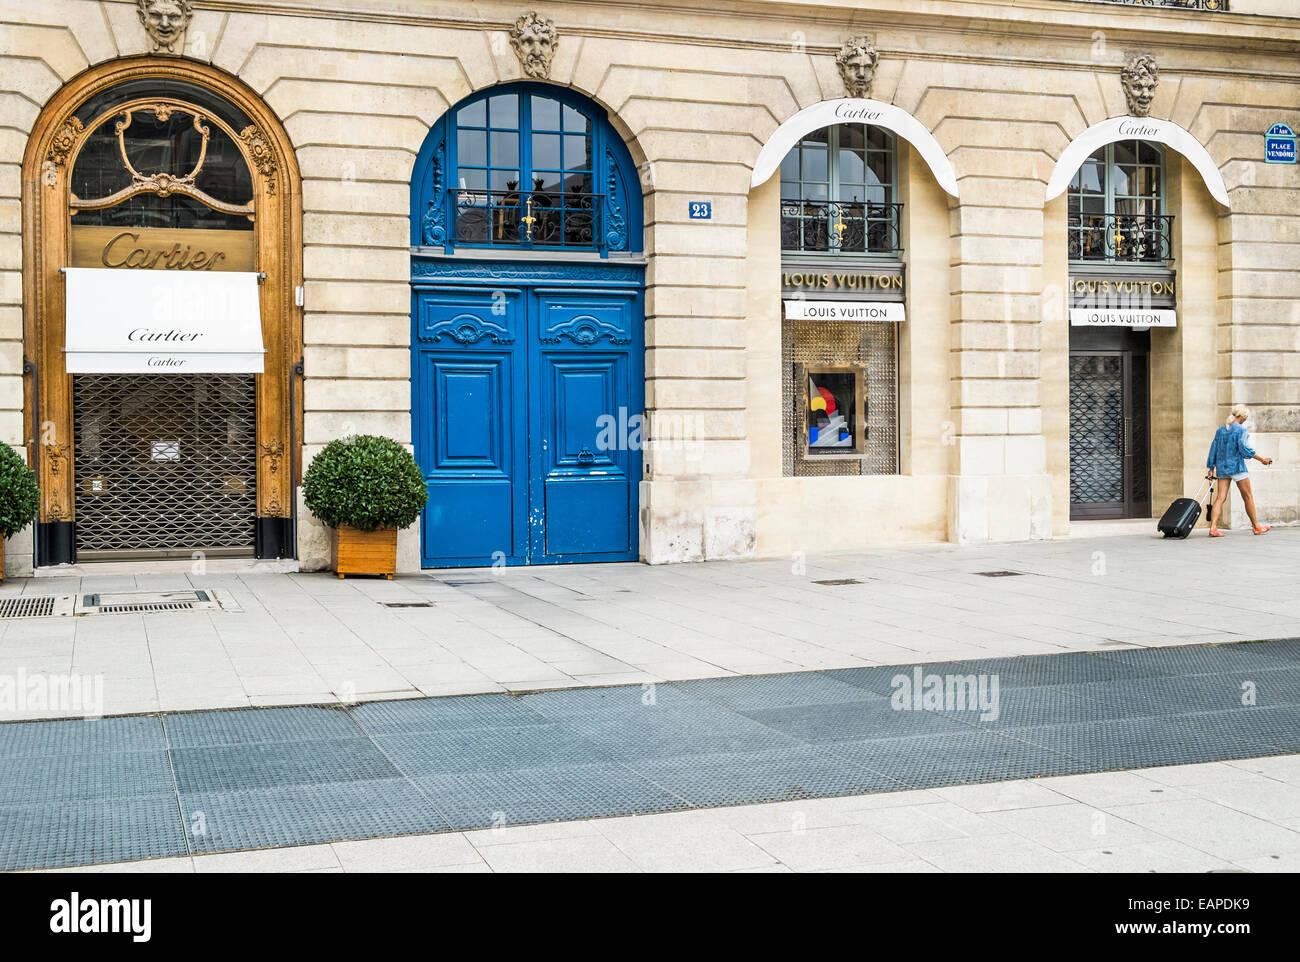 cartier and lous vuiton luxury brand stores at place vendome,  paris, ile de france, france - Stock Image